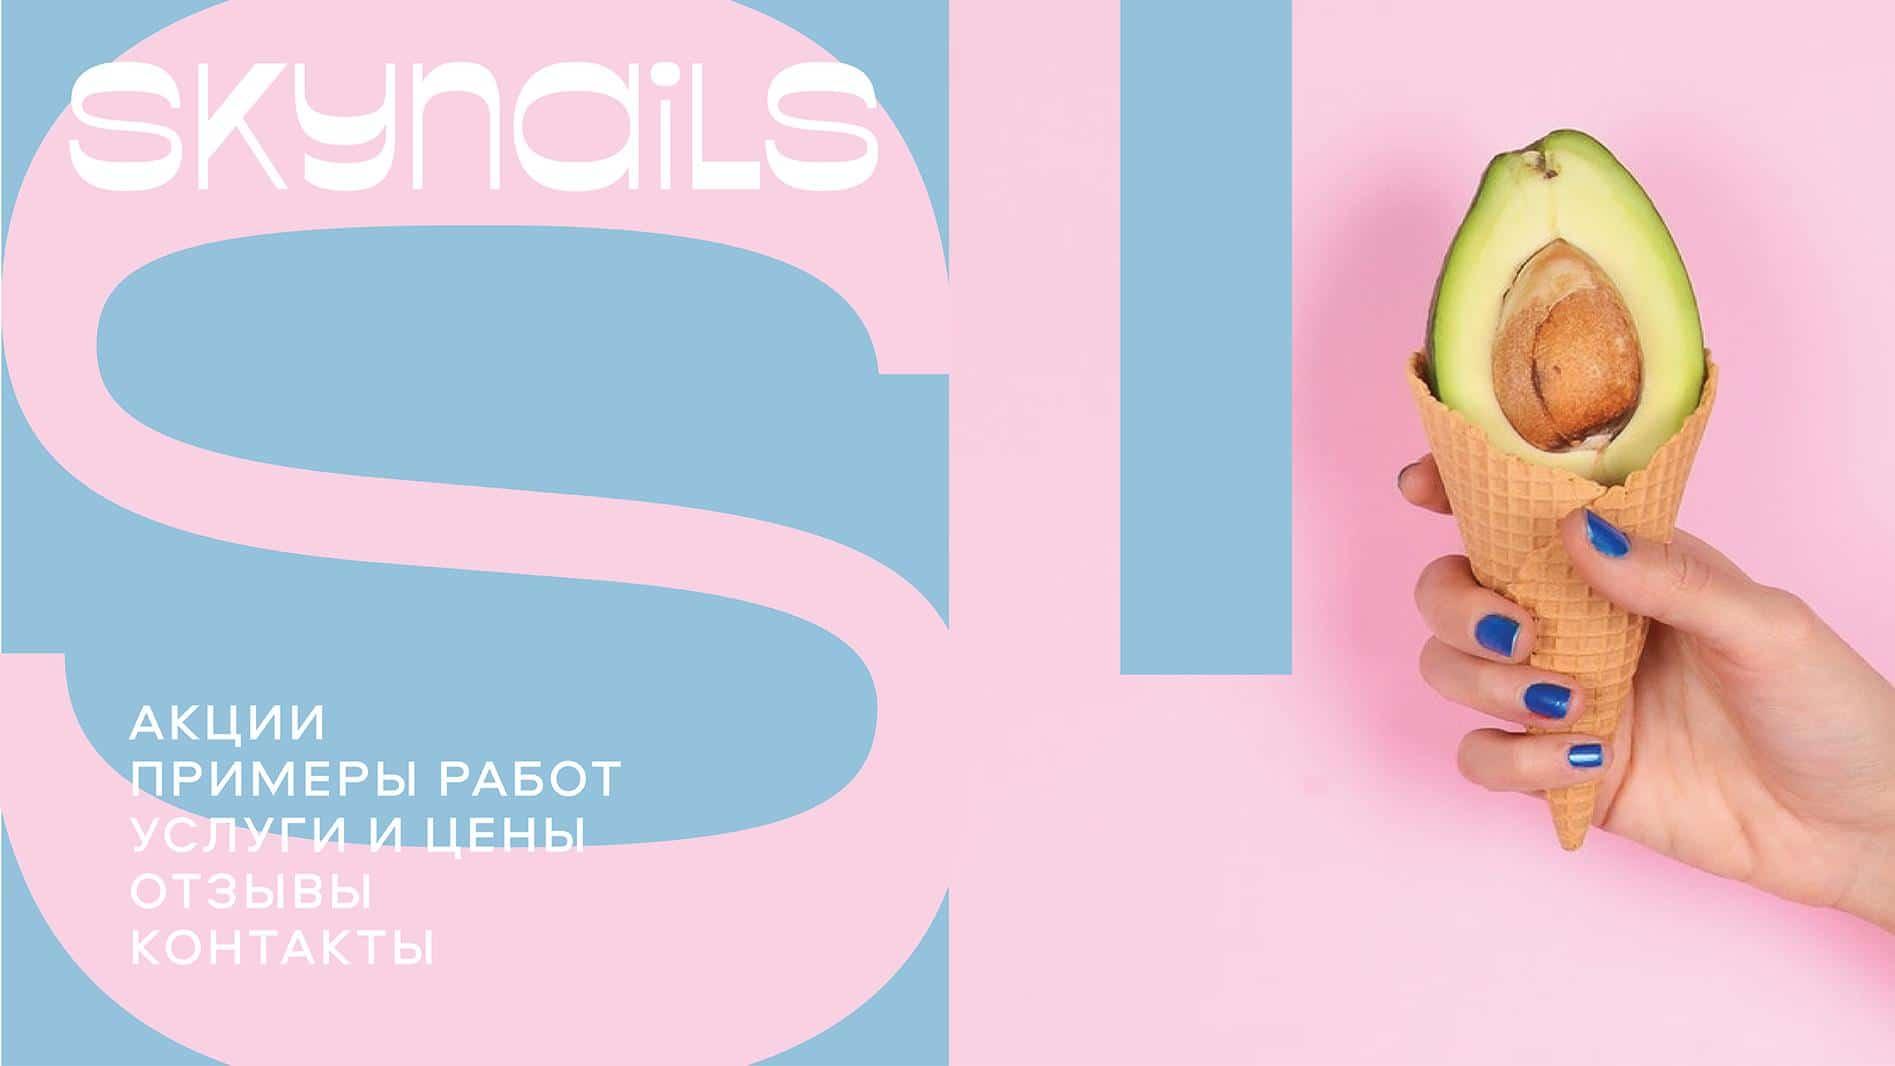 Продвижение студии маникюра Skynails! Привлекли 186 новых записей со средней доходимостью 87%